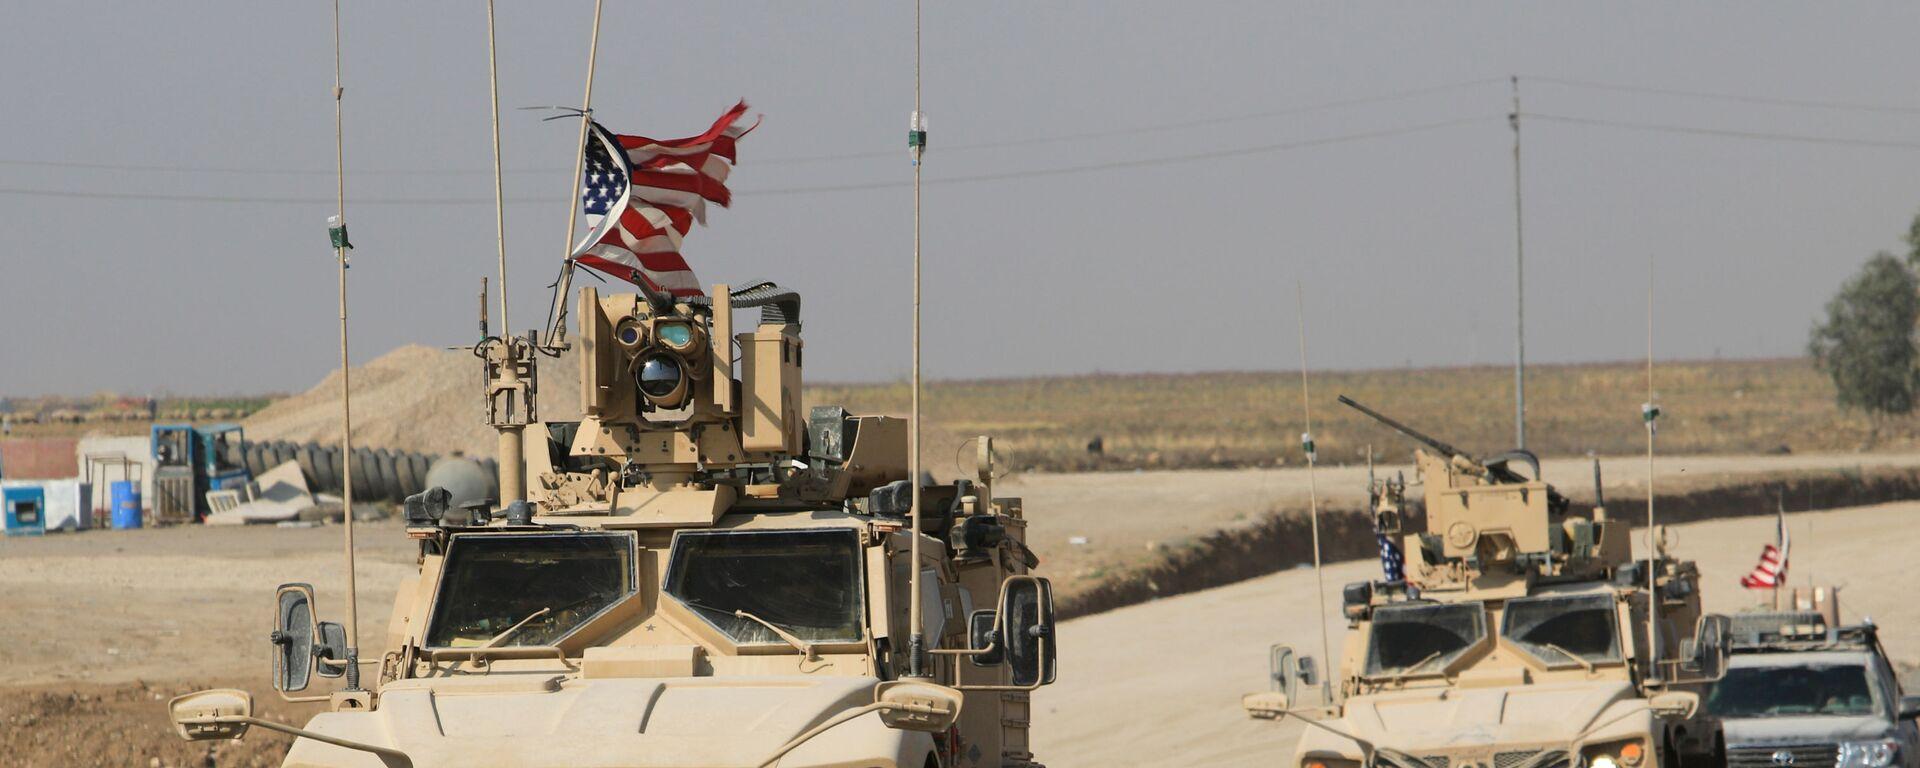 ABD askeri konvoyları, Suriye'den çıkıp Irak'a geçerken - Sputnik Türkiye, 1920, 03.09.2021